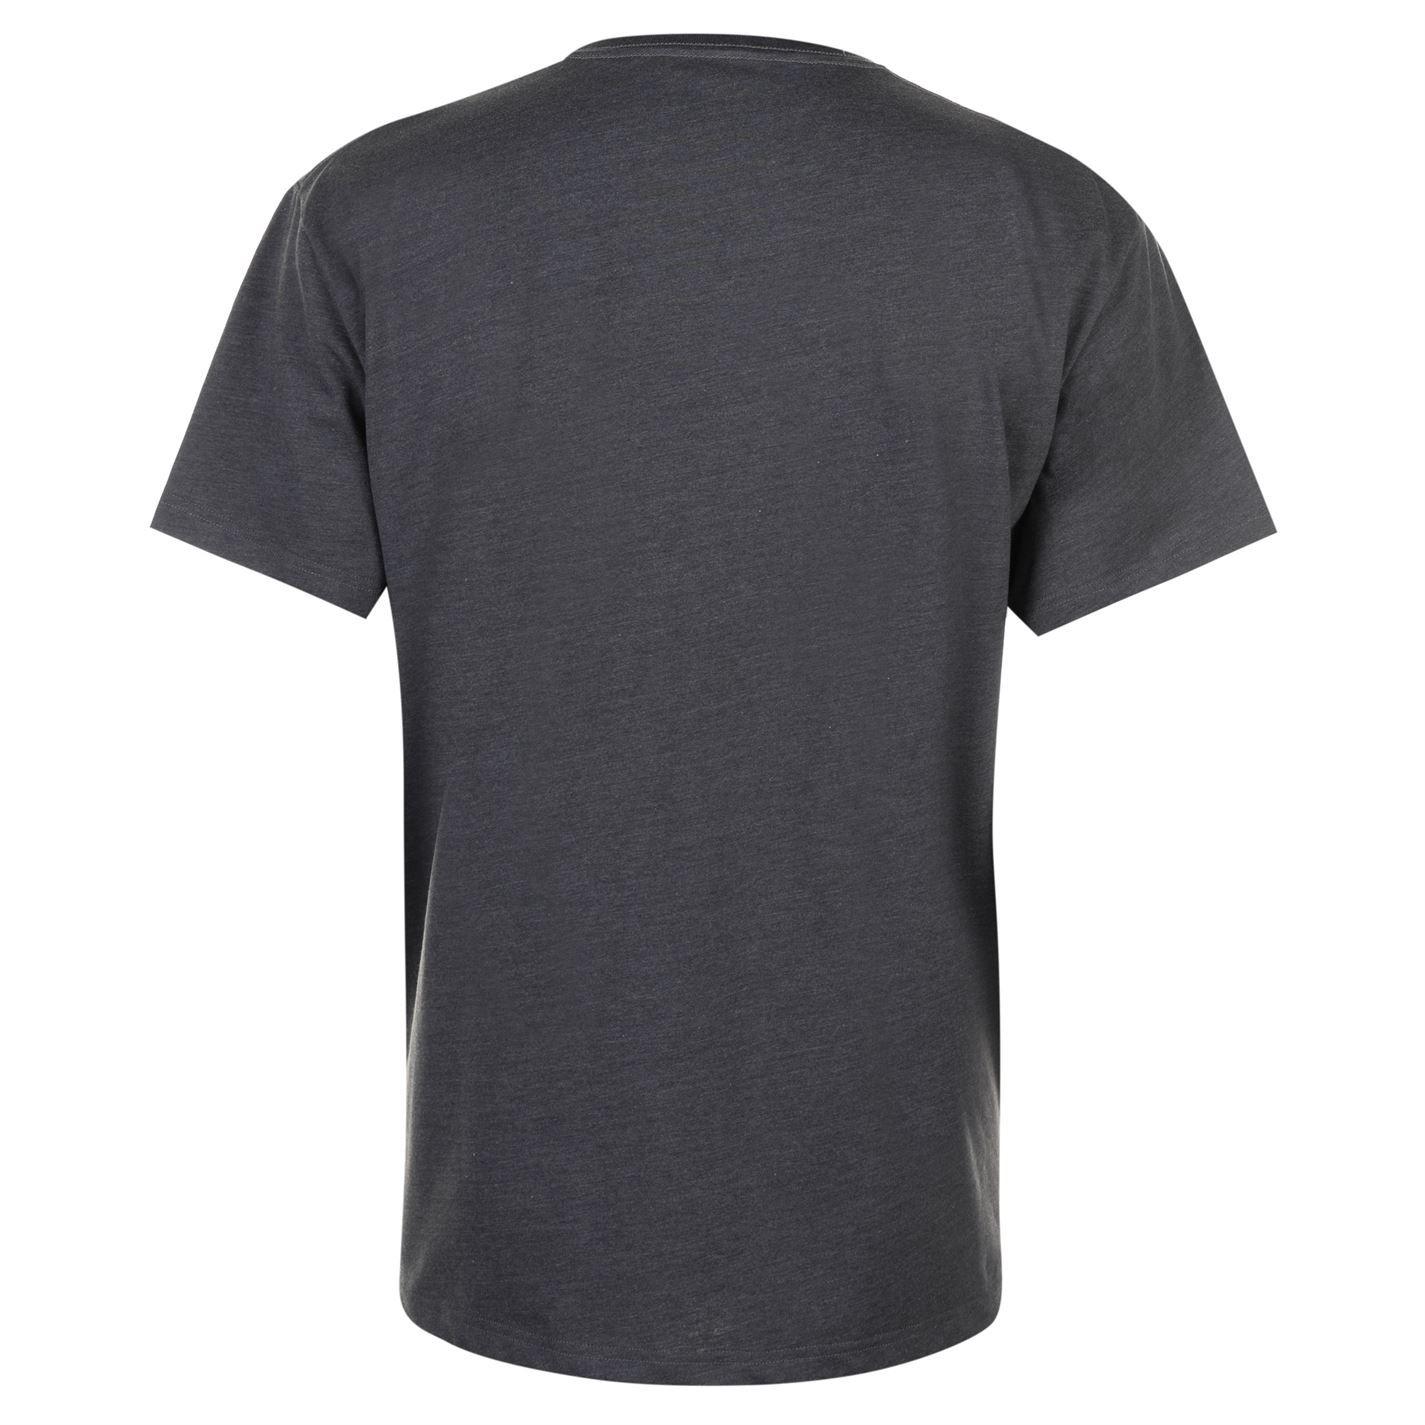 Gul Mens Logo Carrier T Shirt Short Sleeve Crew Neck Lightweight Tee Top